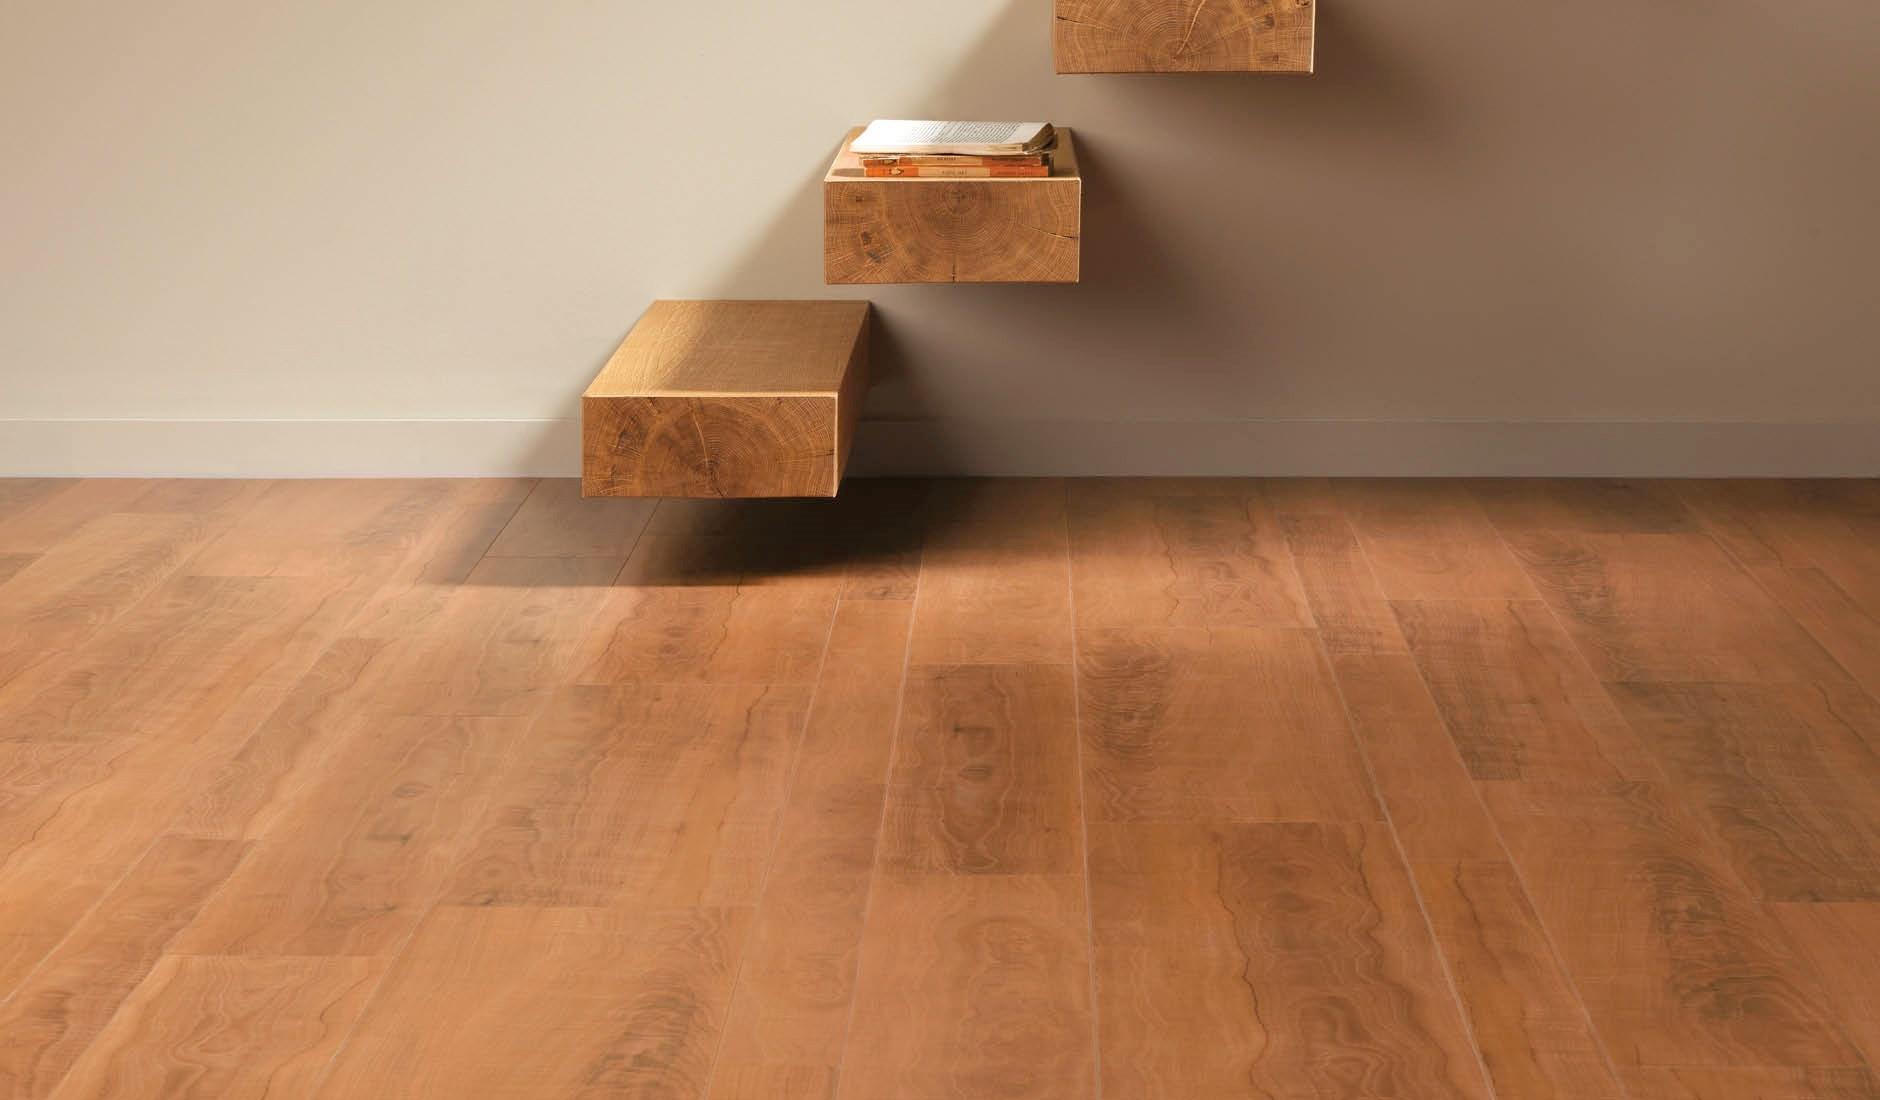 How durable is laminate flooring -  Exquisite What Is The Most Durable Laminate Wood Flooring Floor